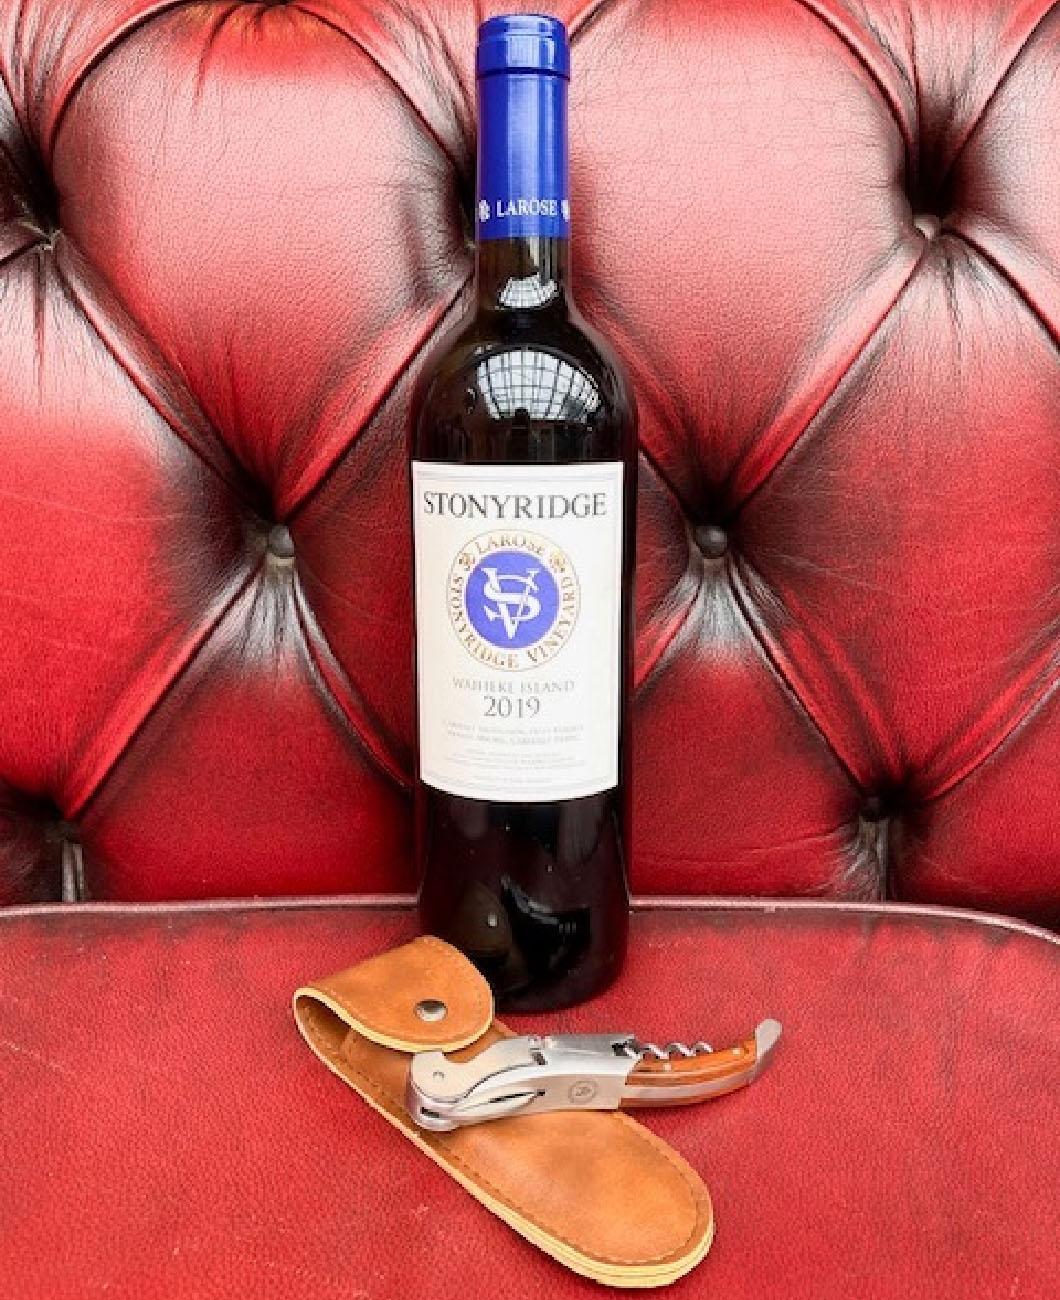 stonyridge-wine-and-dine-in-new-zealand-lapolo1